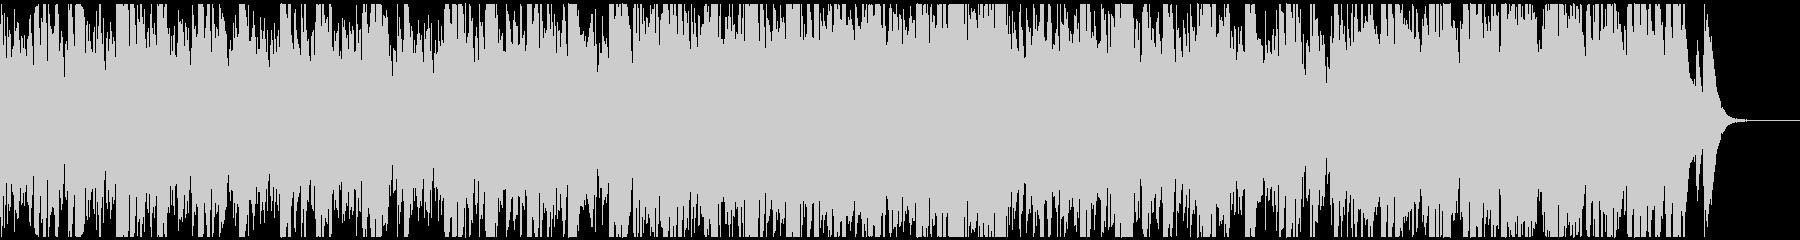 スローなベルとストリングスのファンタジーの未再生の波形